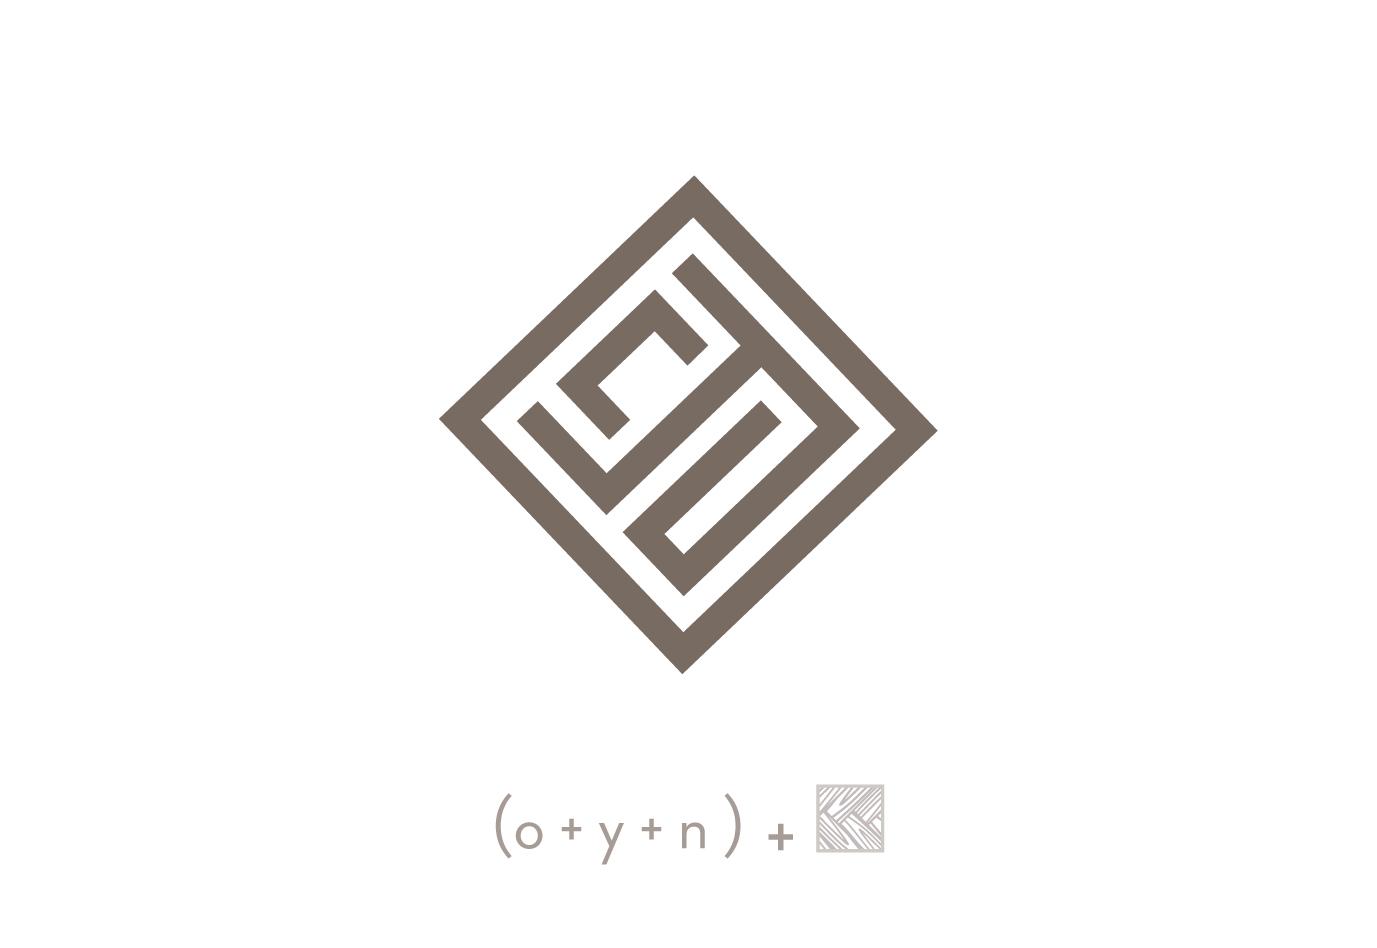 logo-identite1-web